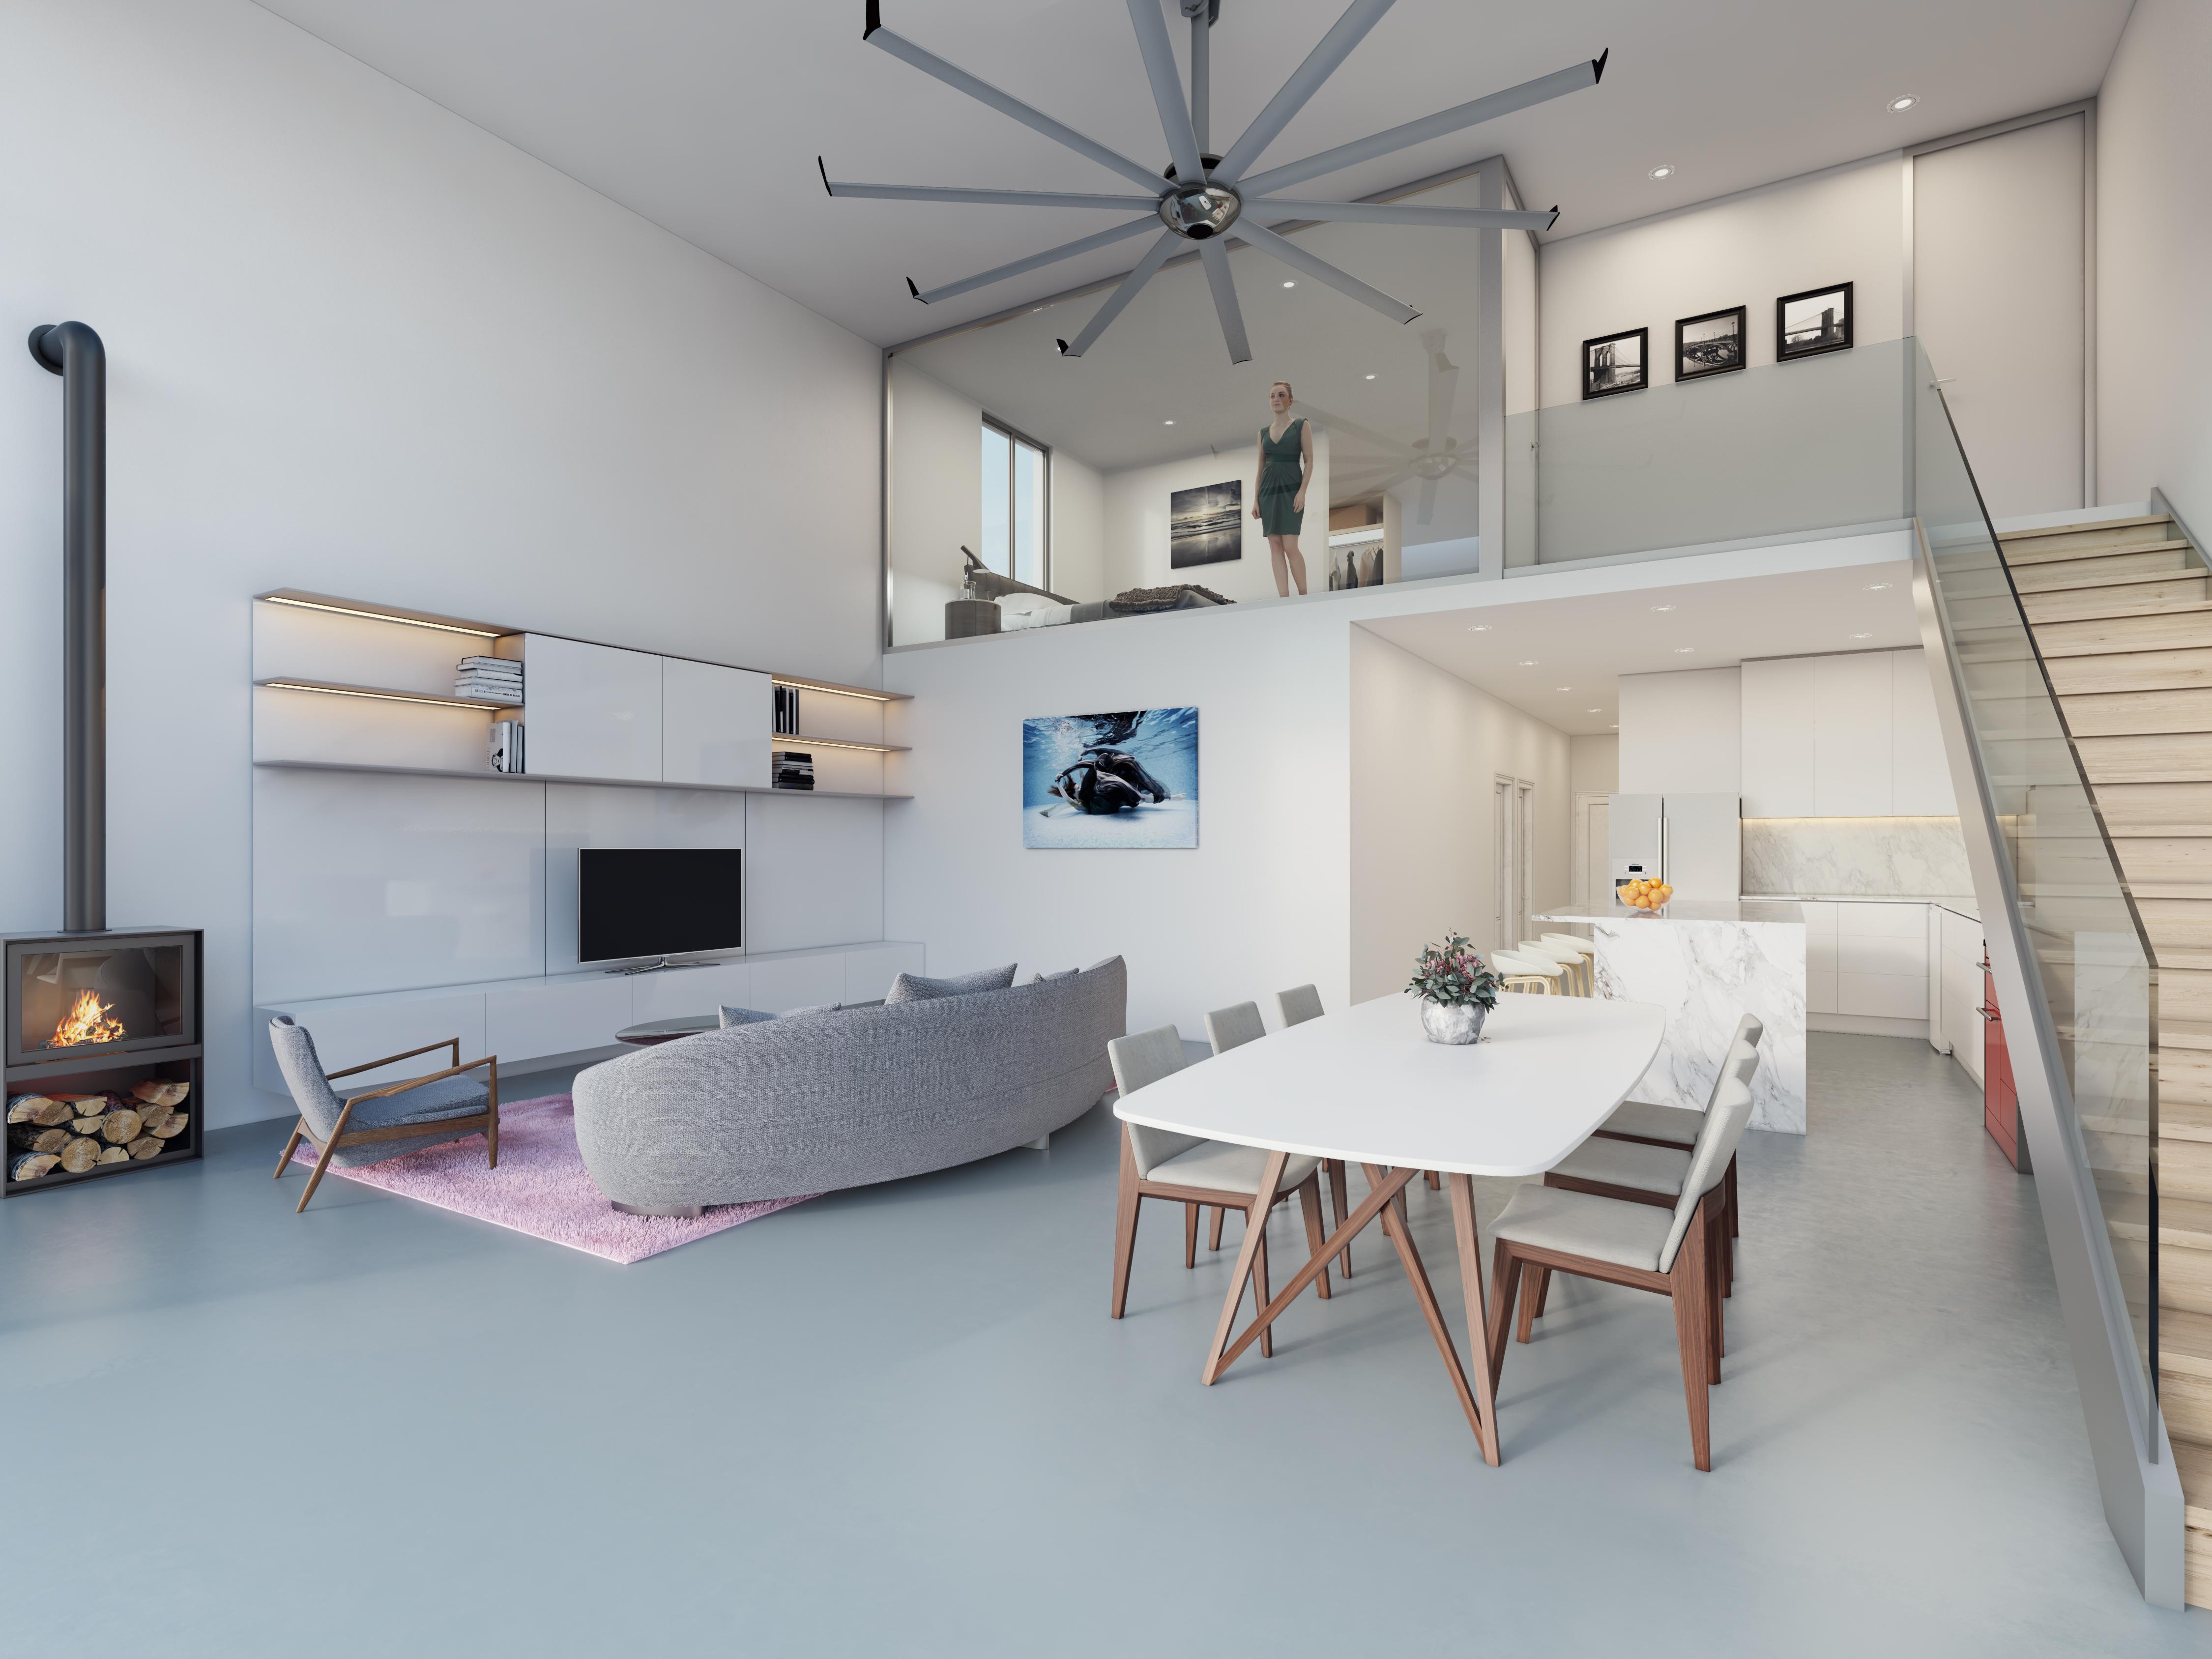 Niagara Condominiums lofts modern open concept